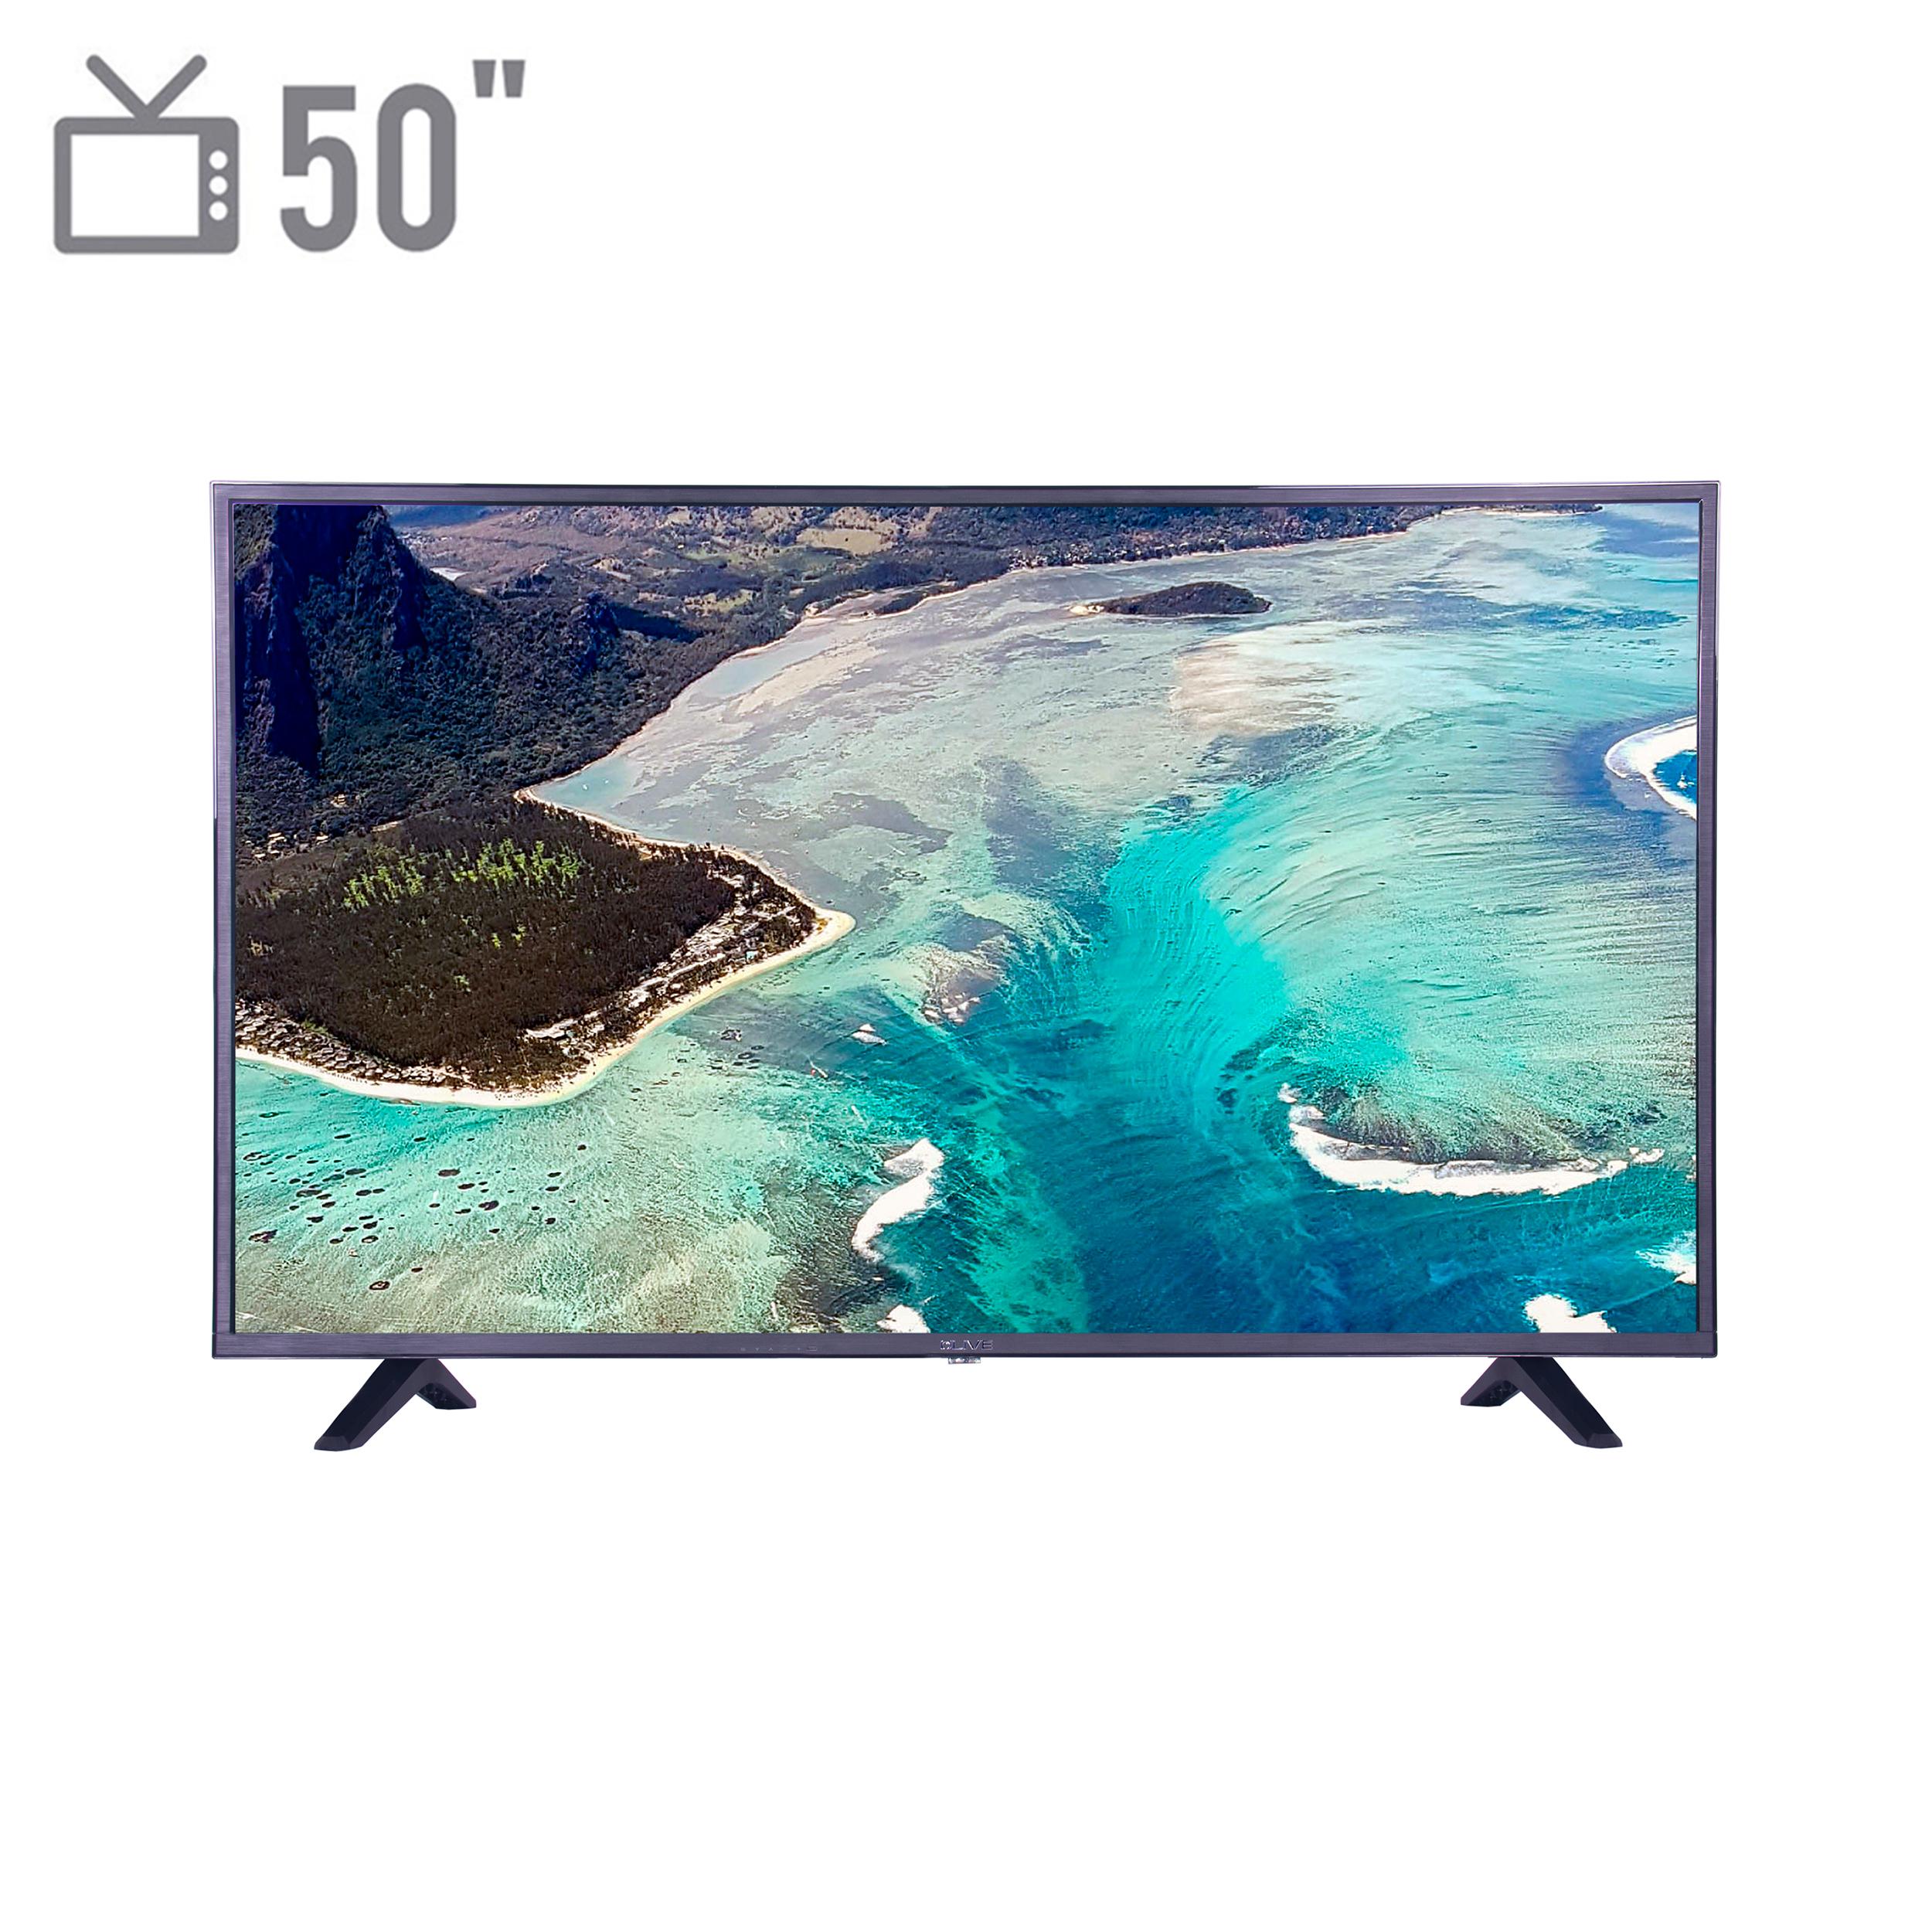 تلويزيون ال ای دی الیو مدل 50UE7410 سایز 50 اینچ